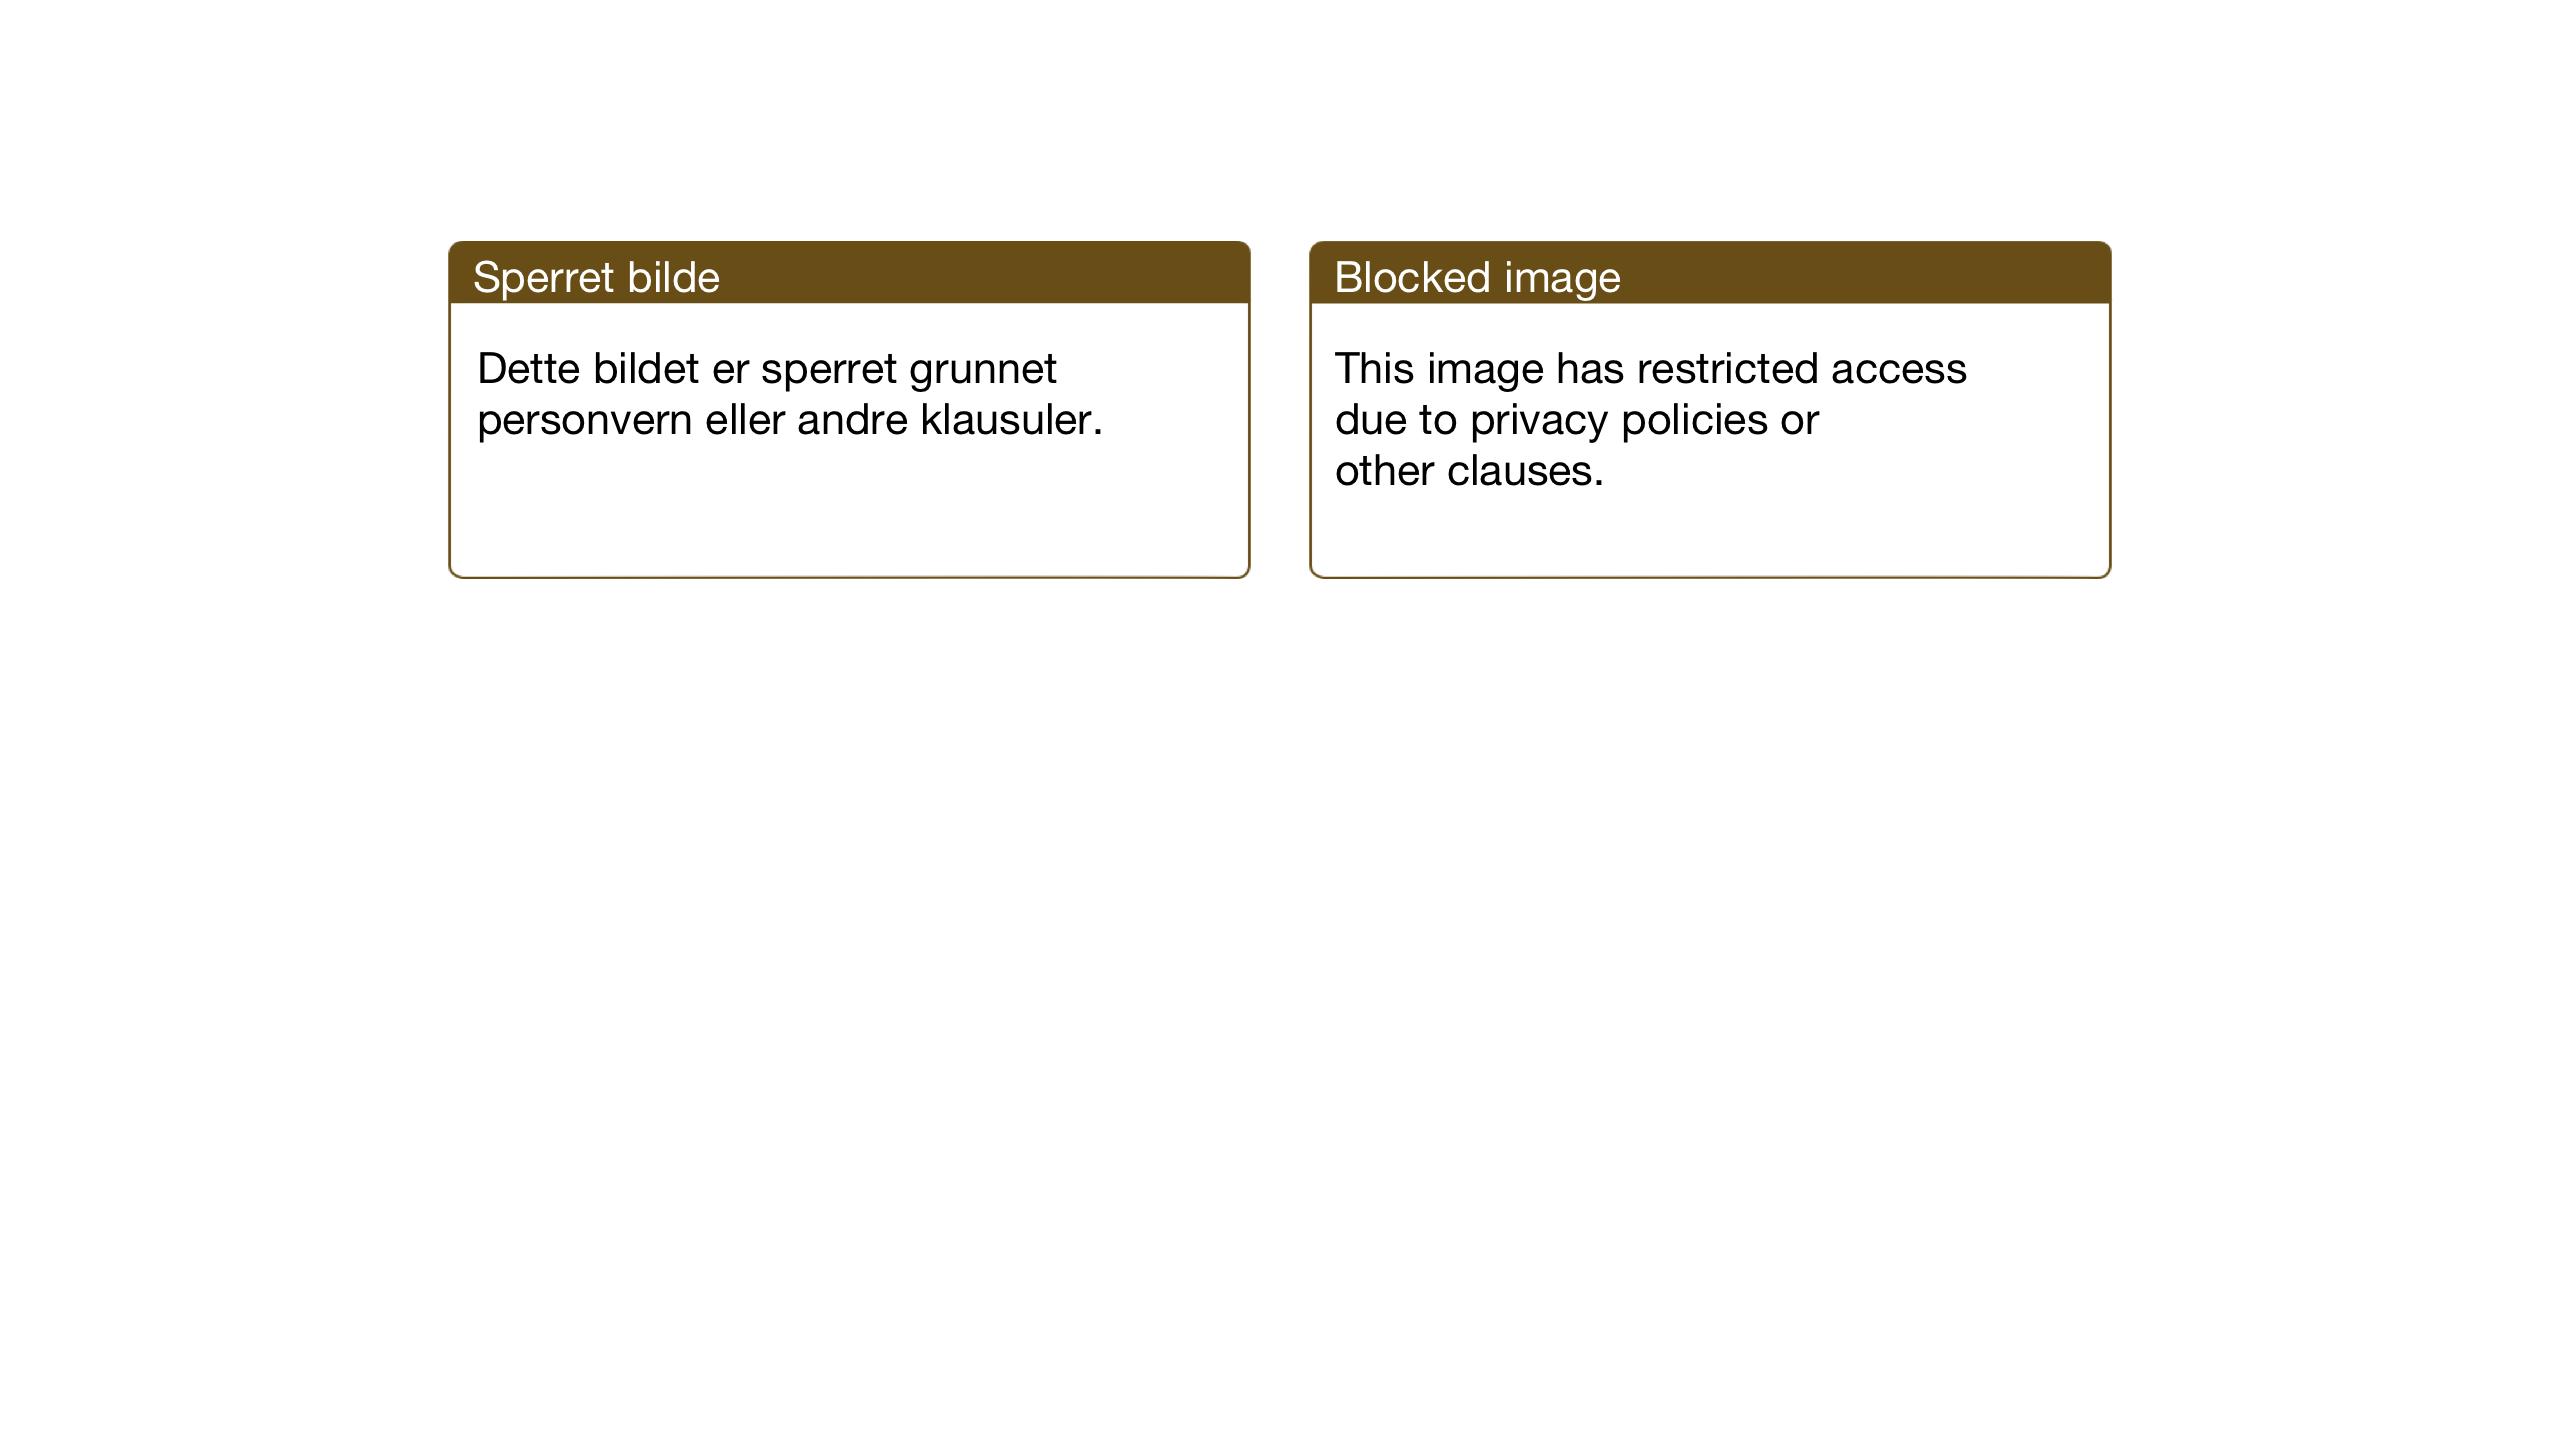 SAT, Ministerialprotokoller, klokkerbøker og fødselsregistre - Nord-Trøndelag, 768/L0583: Klokkerbok nr. 768C01, 1928-1953, s. 57